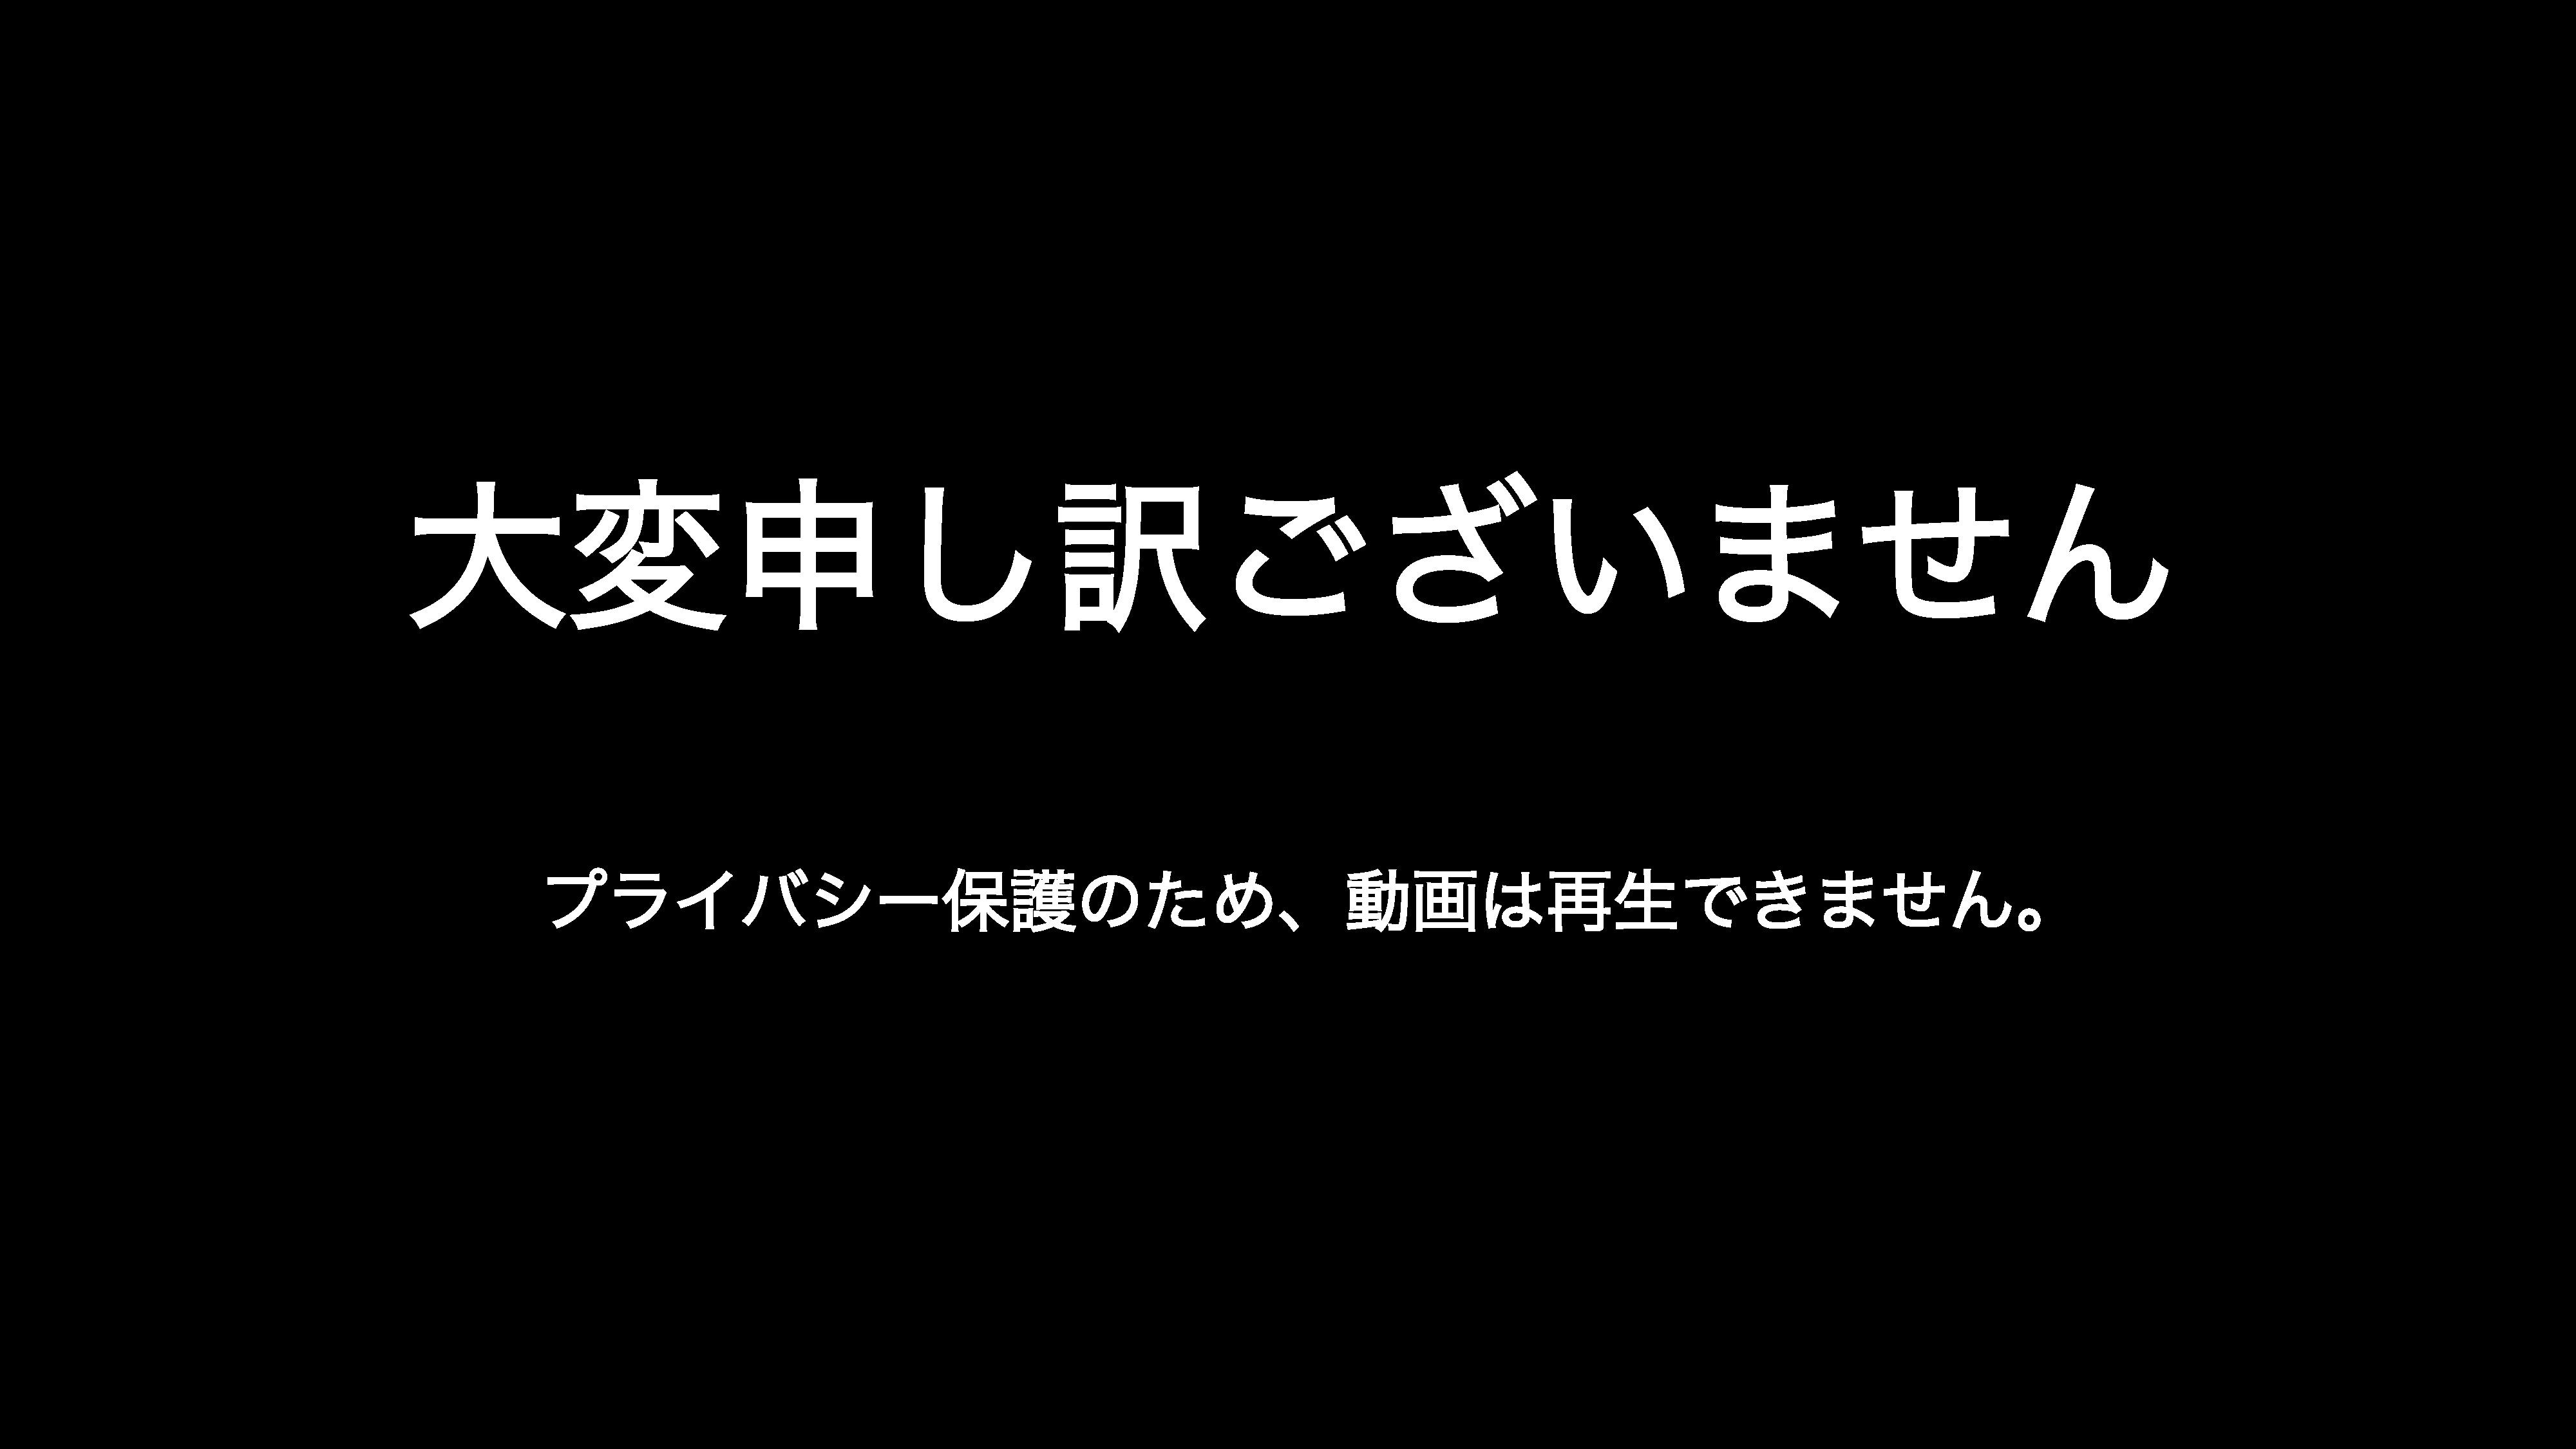 黒.jpg